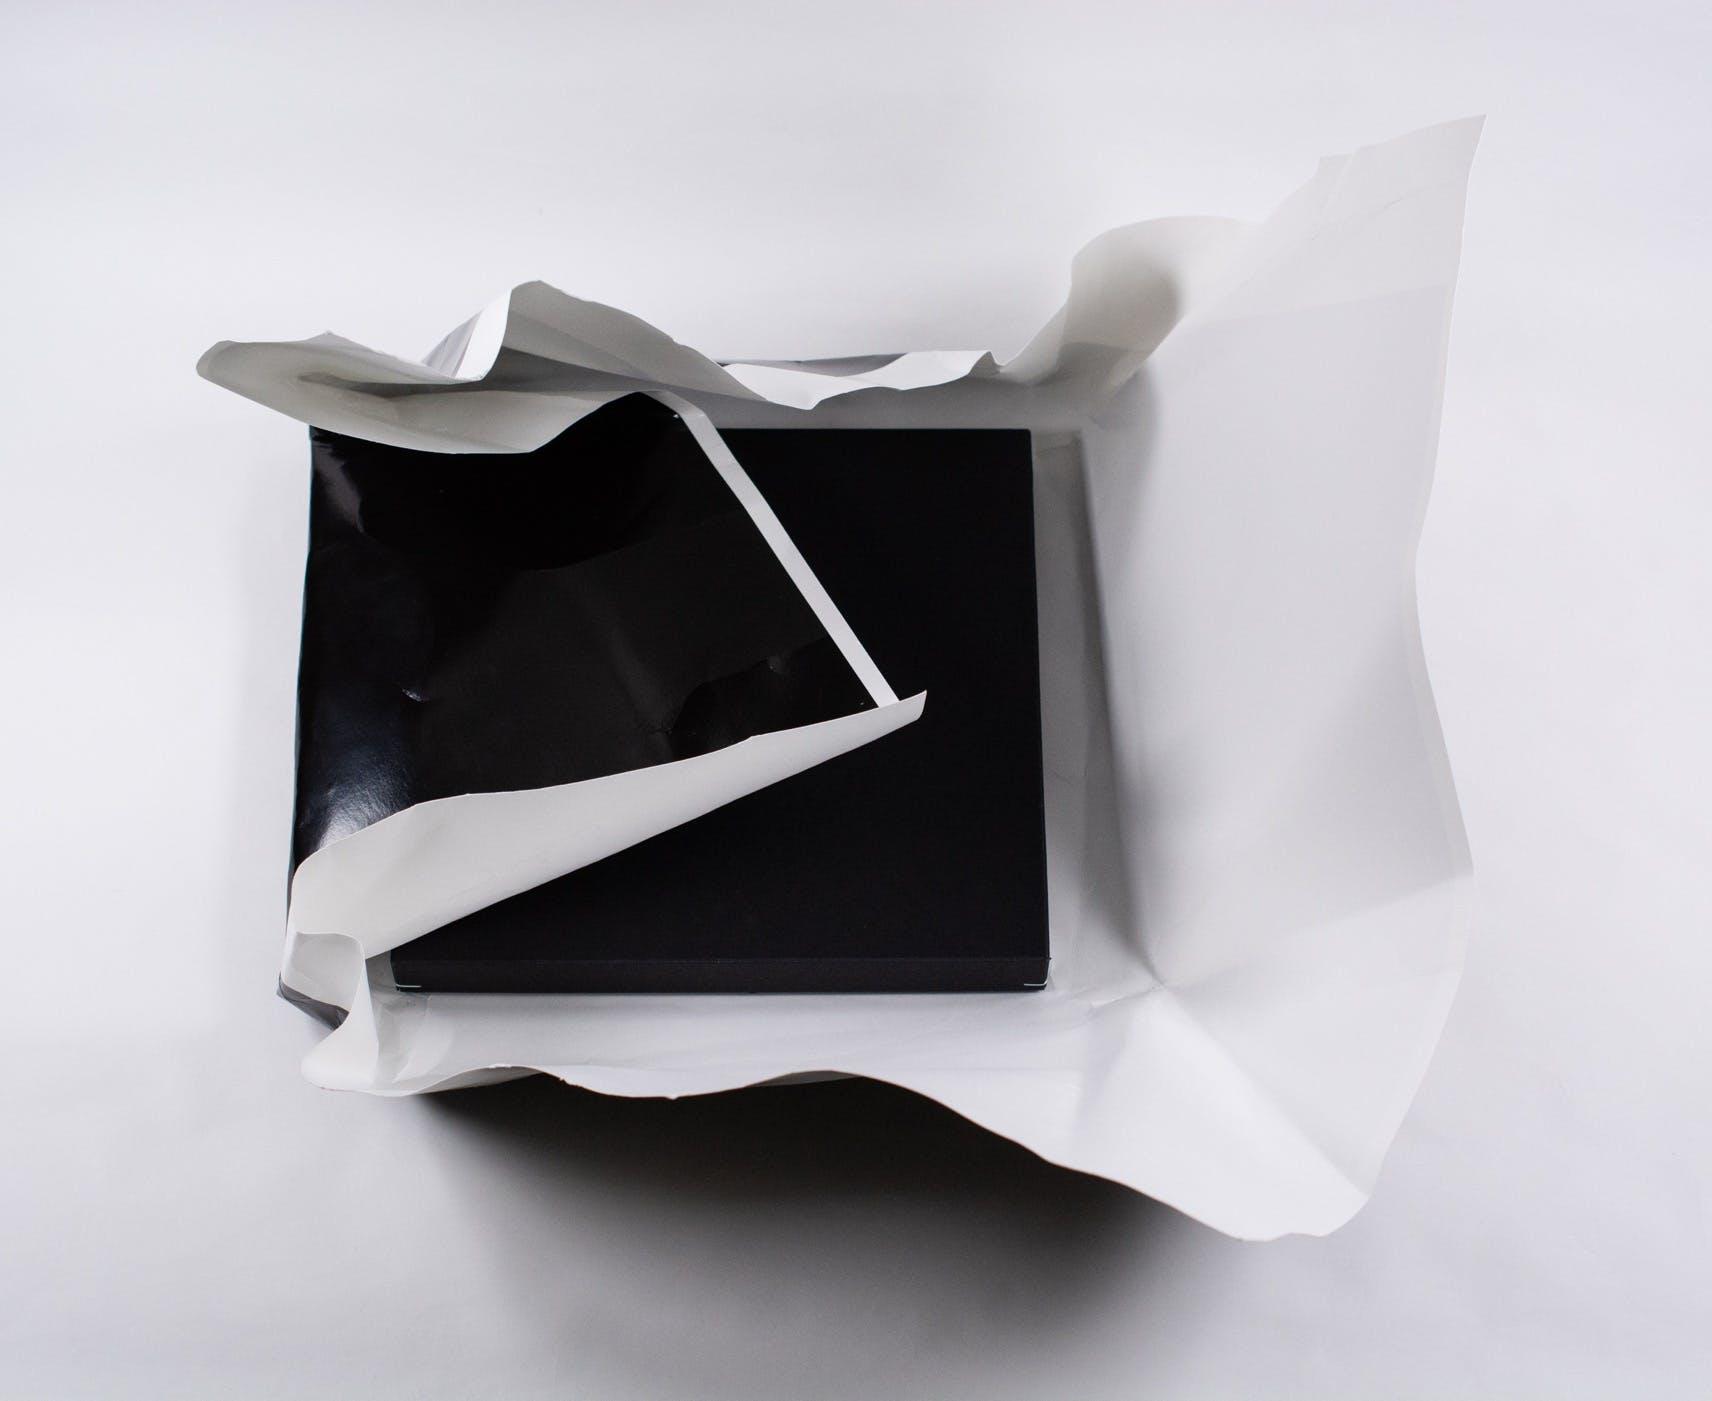 印画紙を広げて、箱を取り出します。(見本画像)